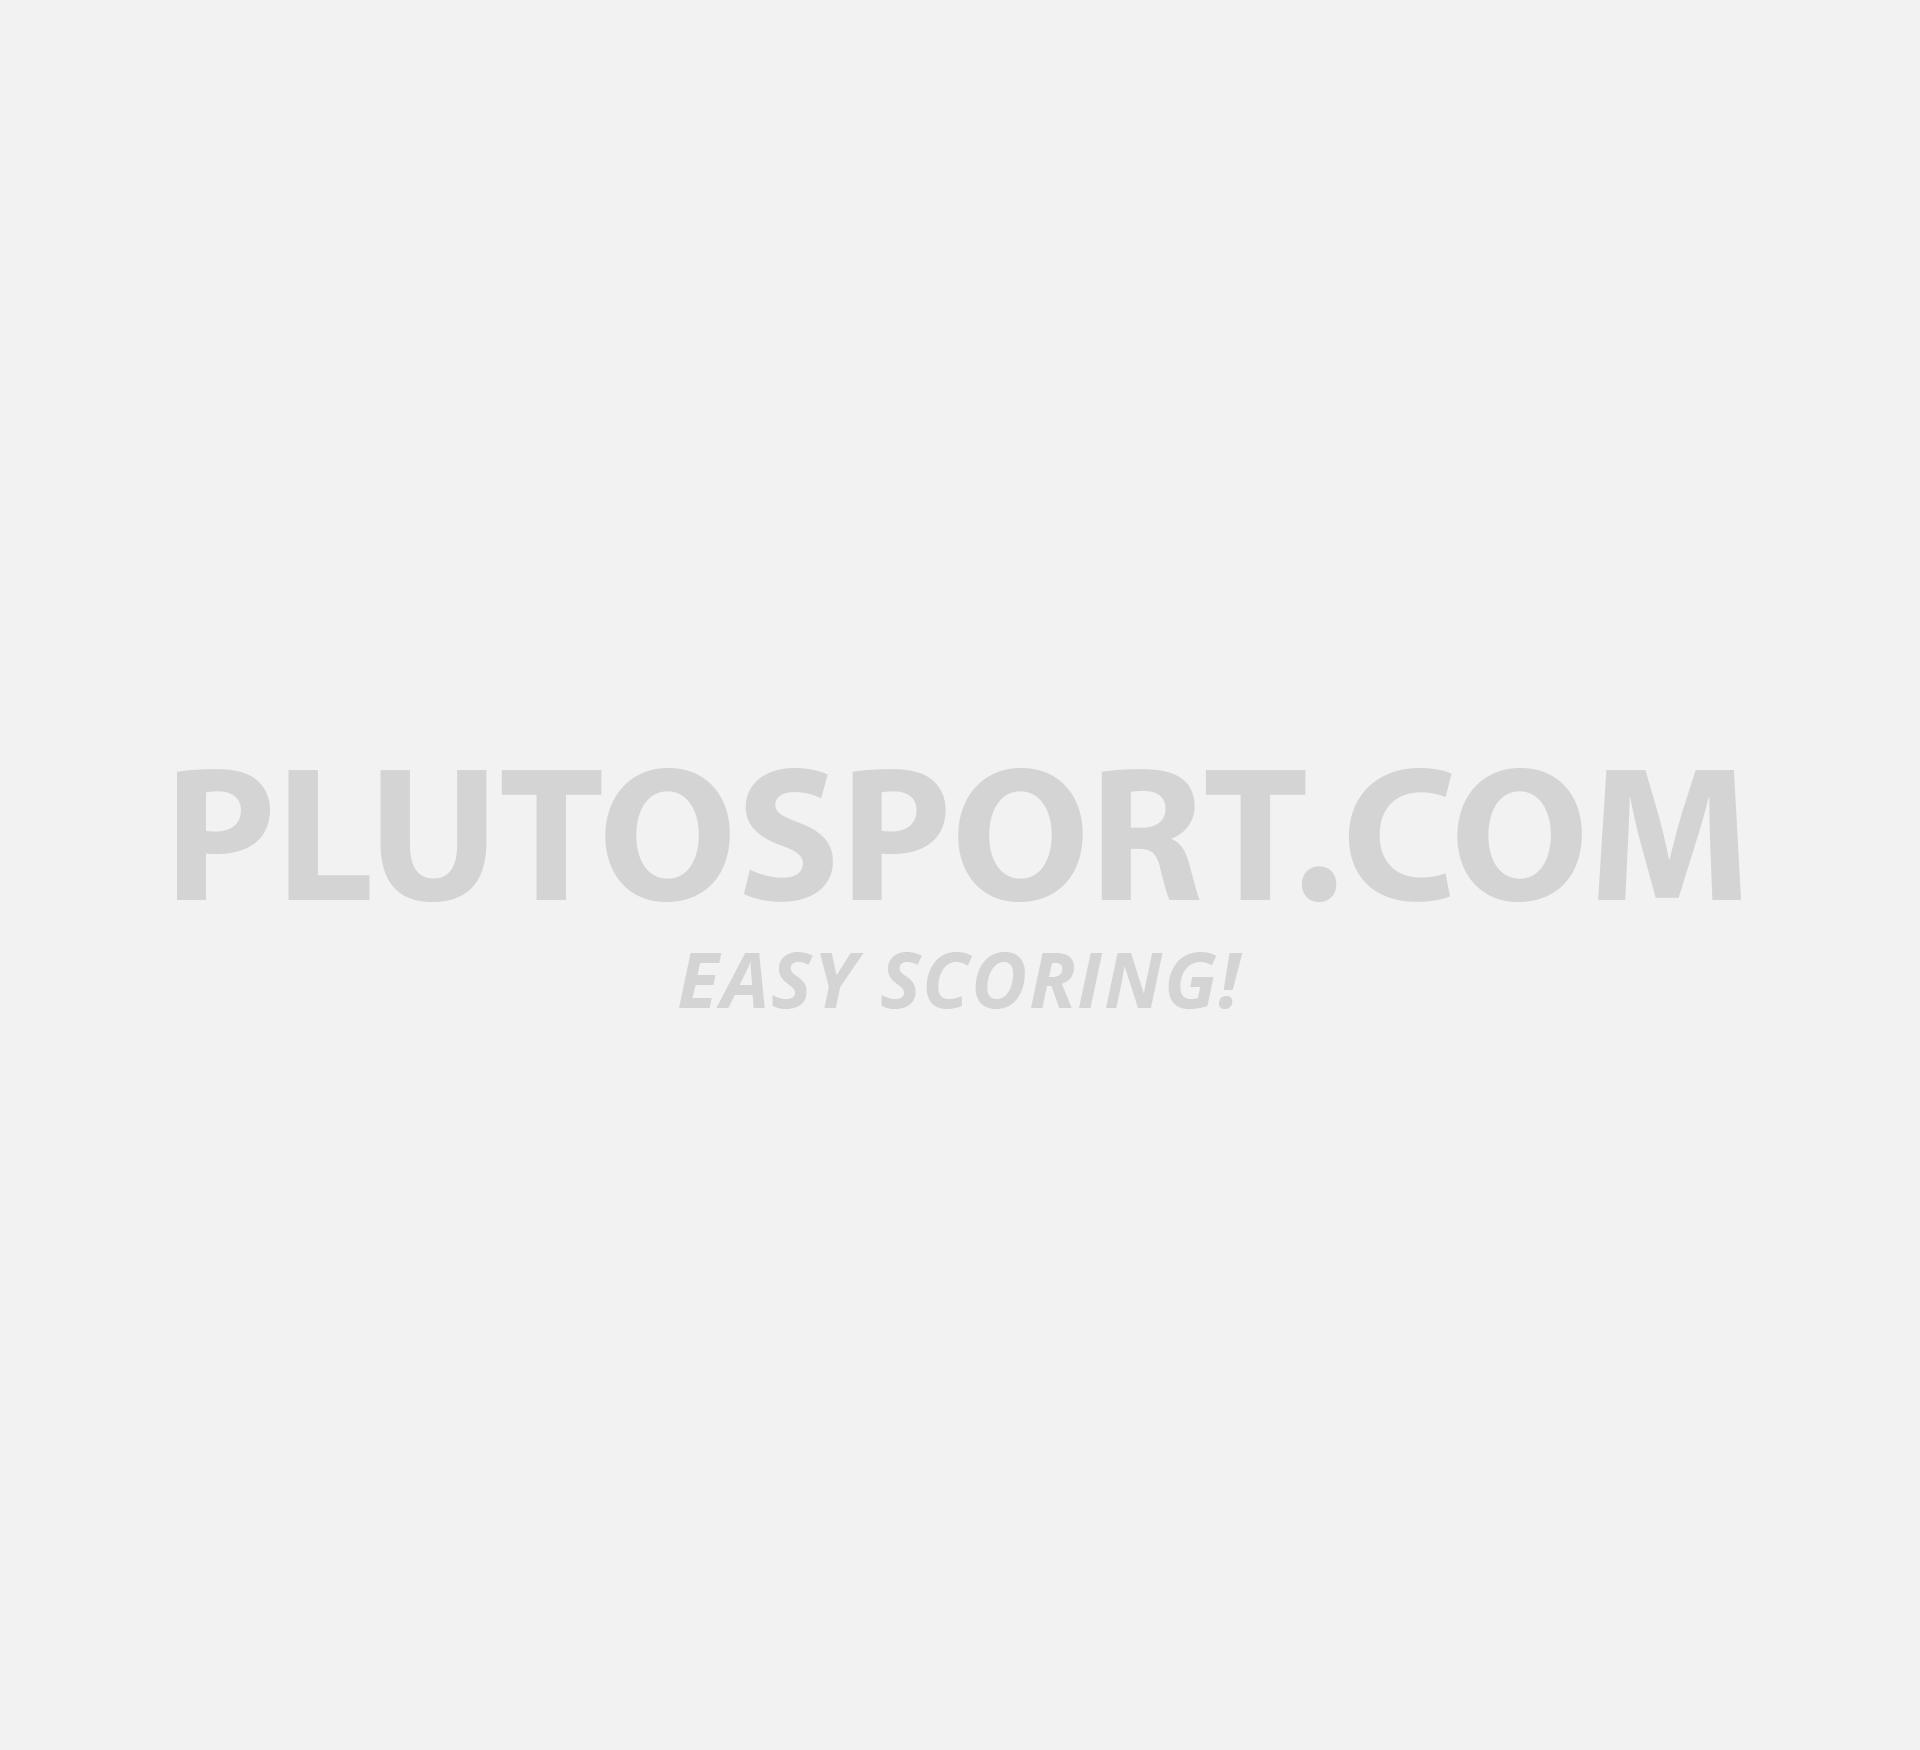 617a7e15845 Brooks Adrenaline GTS 14 Running Shoes Men - Overpronation - Shoes - Running  - Sports